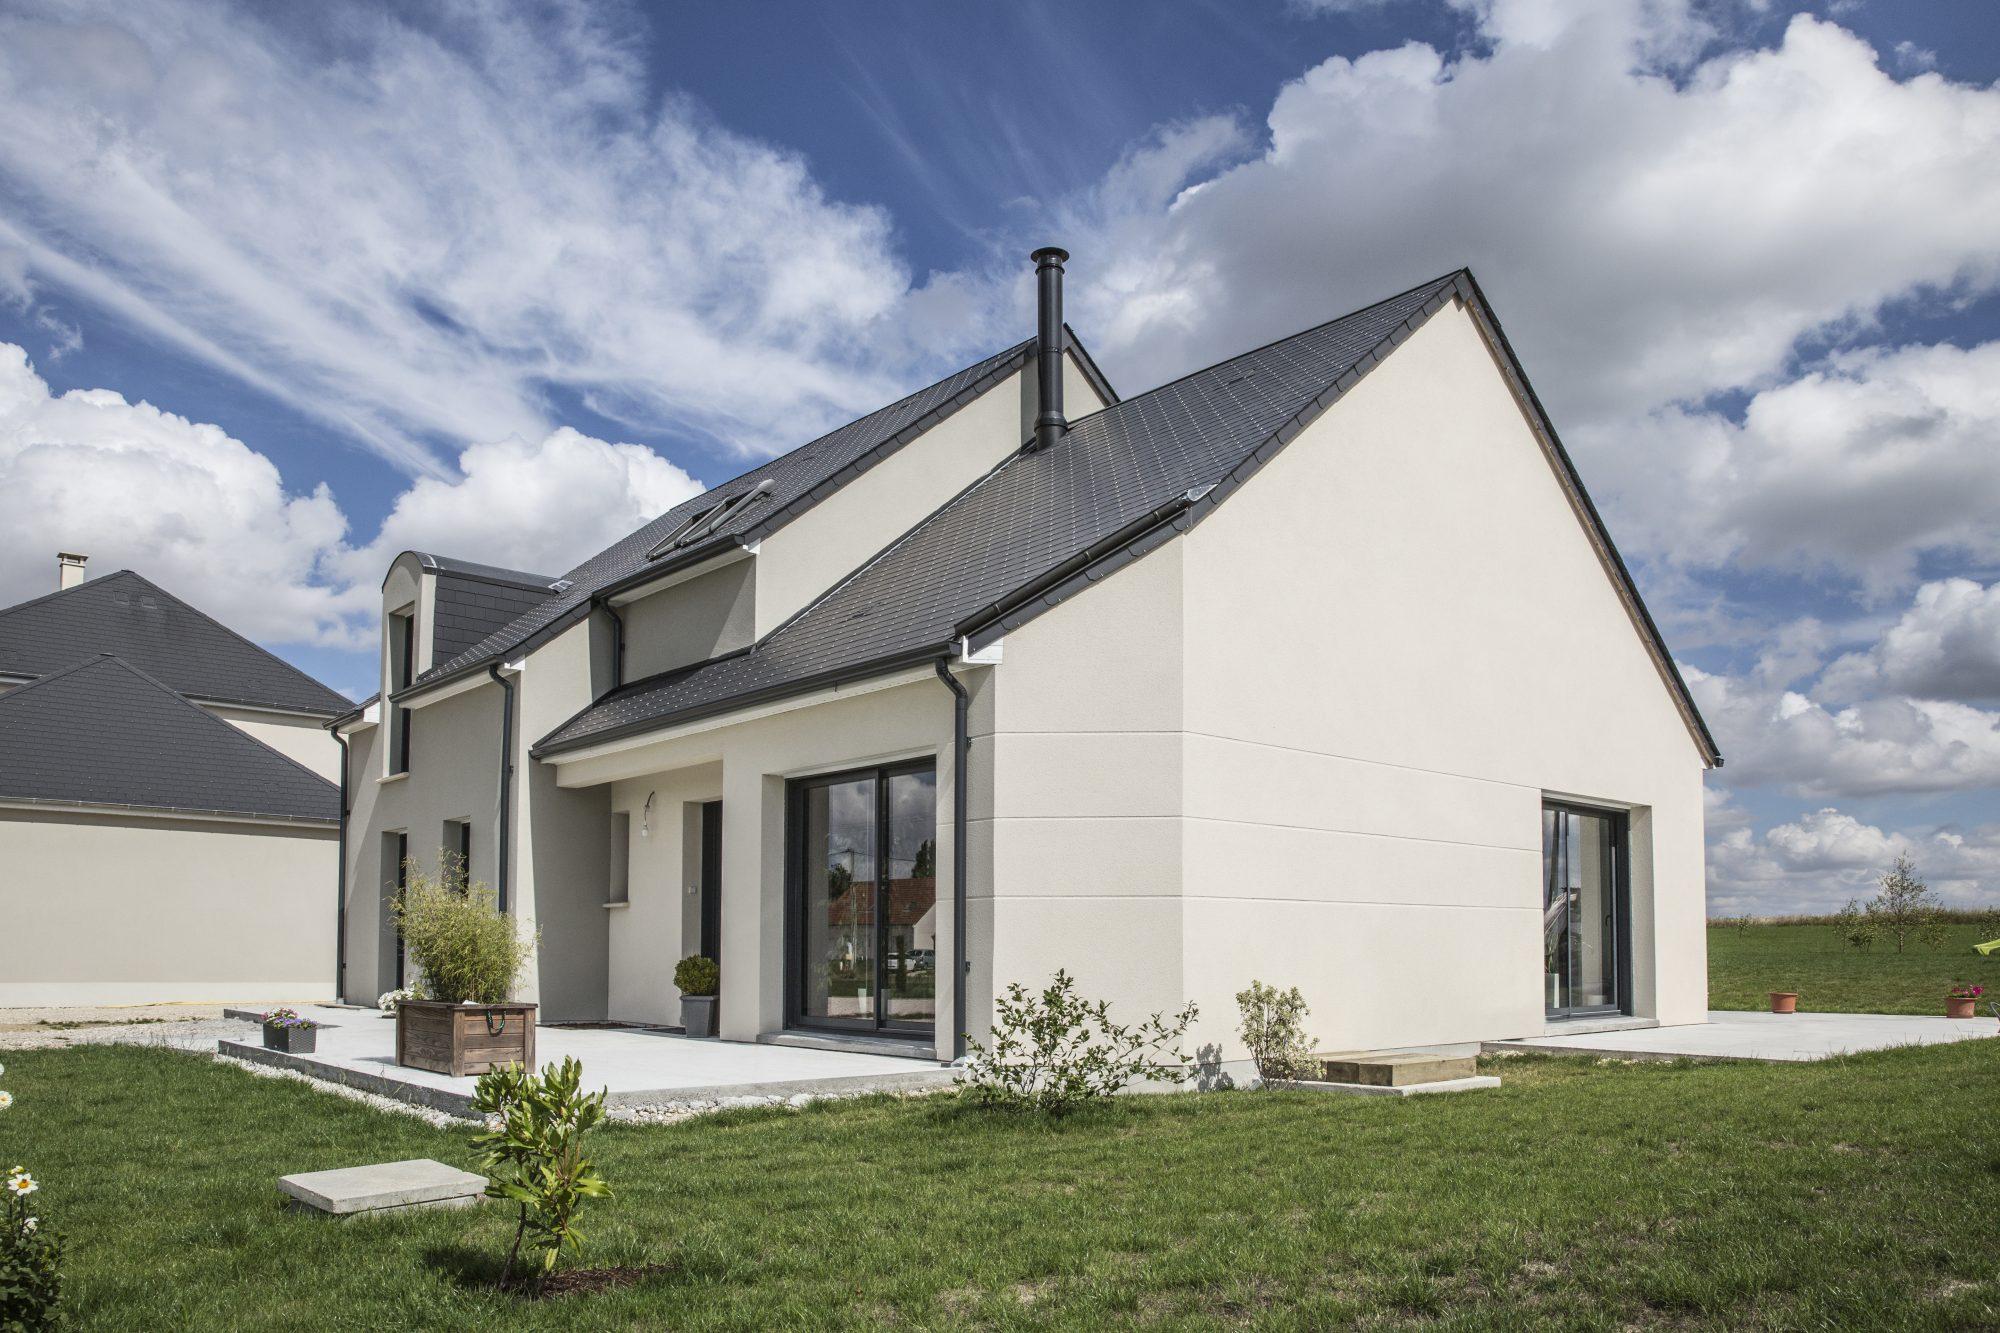 Maisons ericlor constructeur agr maisons de qualit for Constructeur tours